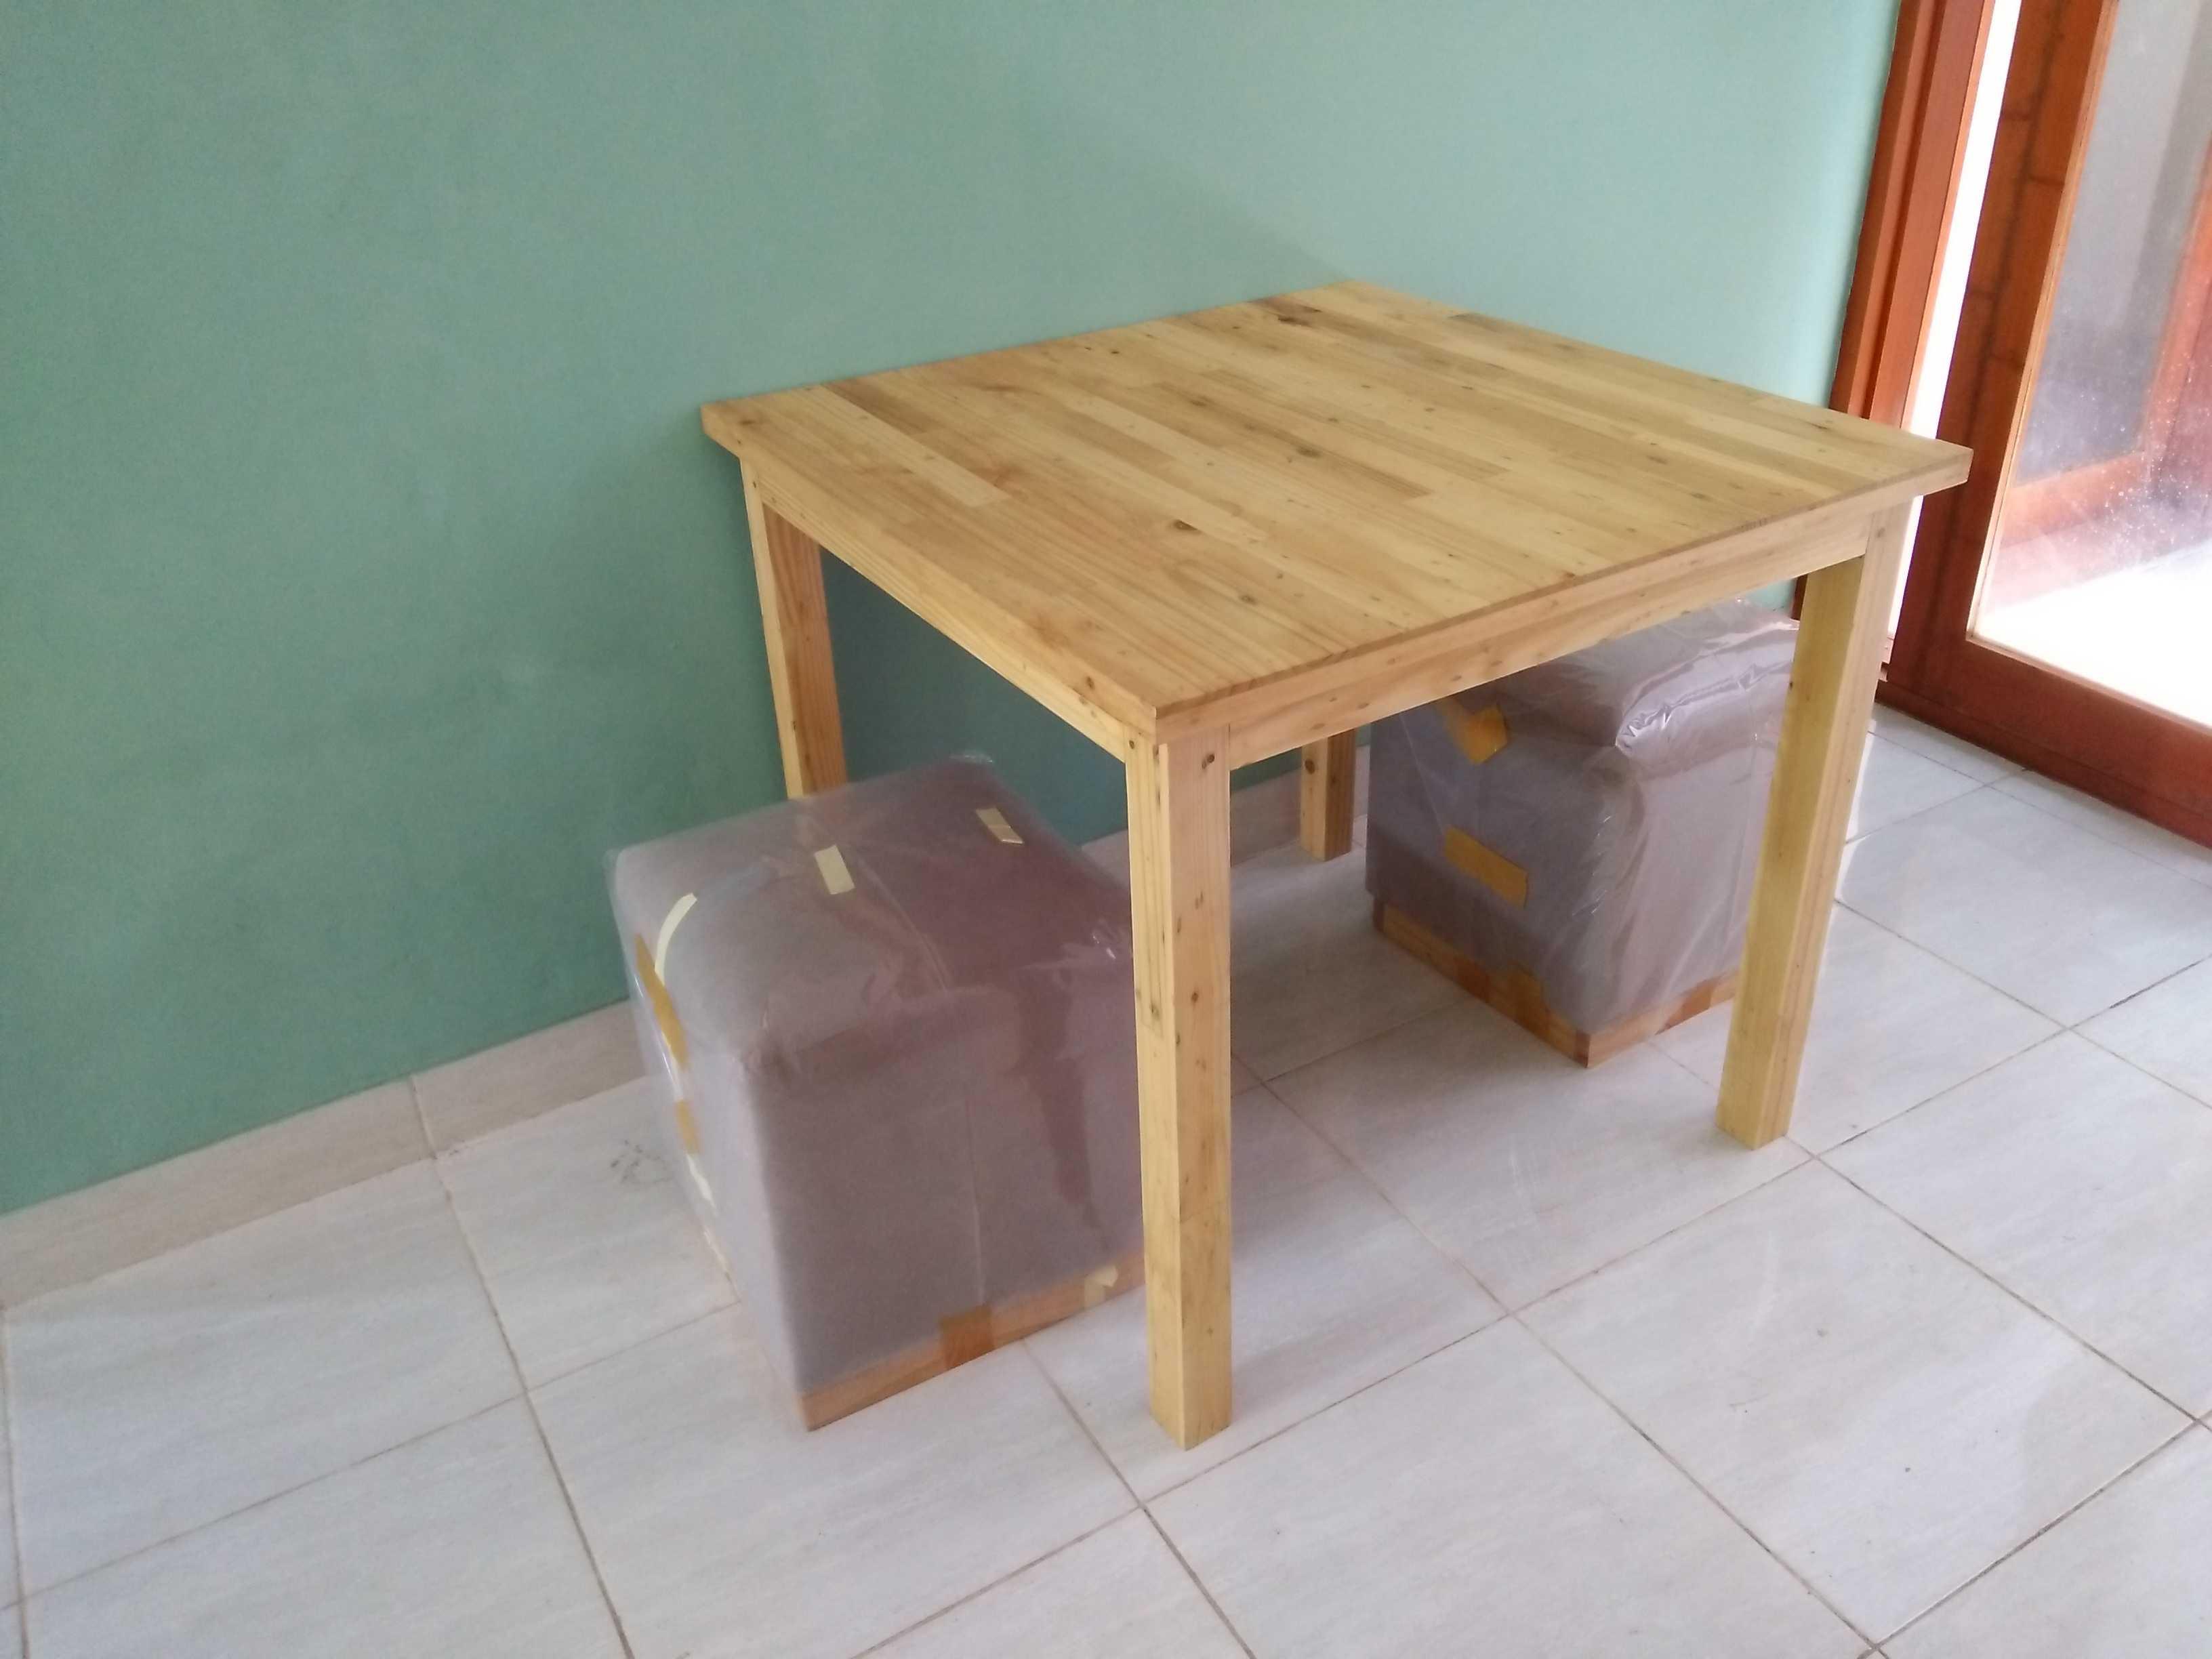 Irvan Ginanjar Project House Ciganitri (Living Room & Dinning Room Bandung, Indonesia Jl. Ciganitri Mukti, Cipagalo, Bojongsoang, Bandung, Jawa Barat 40287, Indonesia Img20170329122403   30154